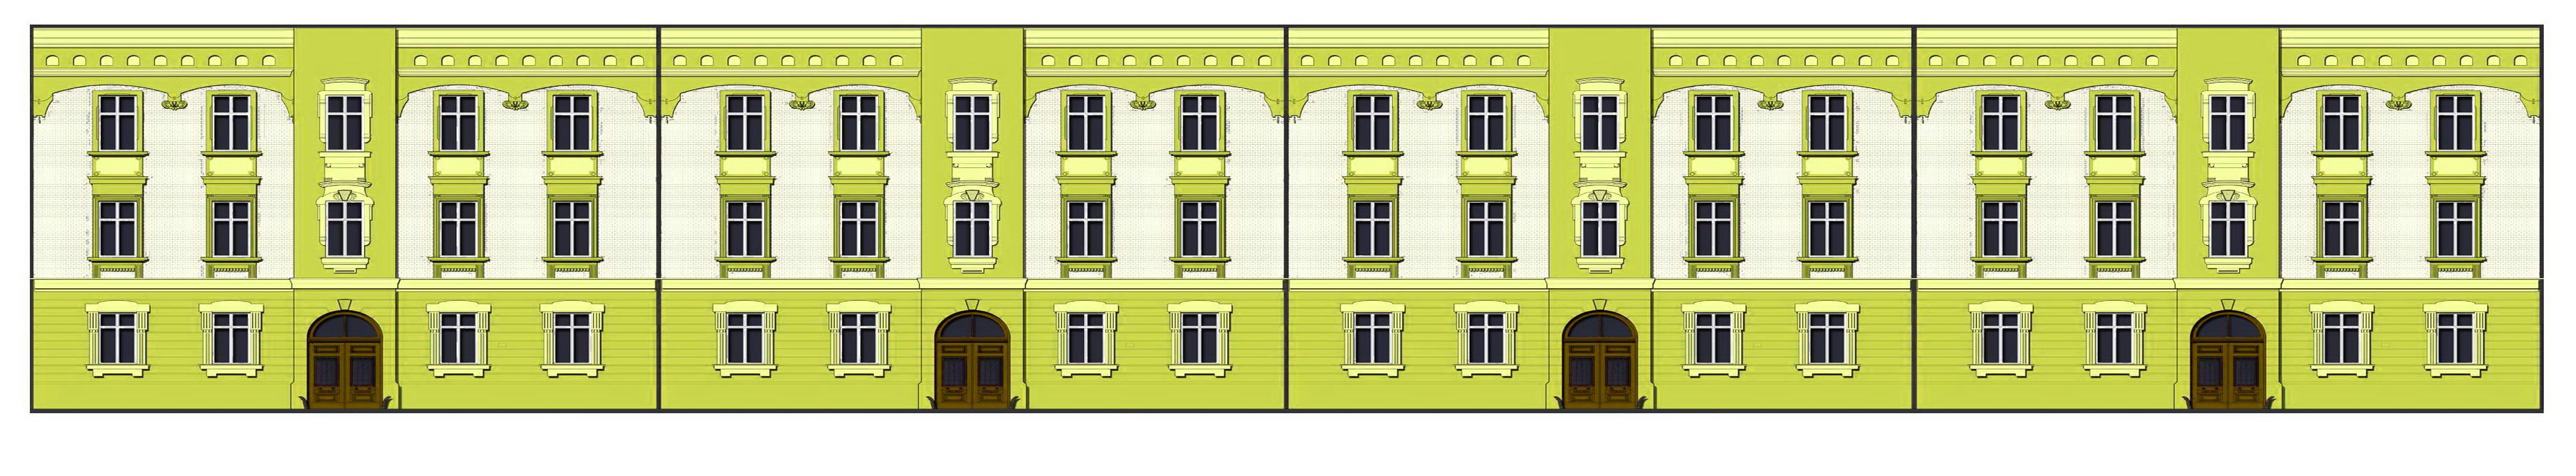 МРР7516 Колористическое решение фасадов